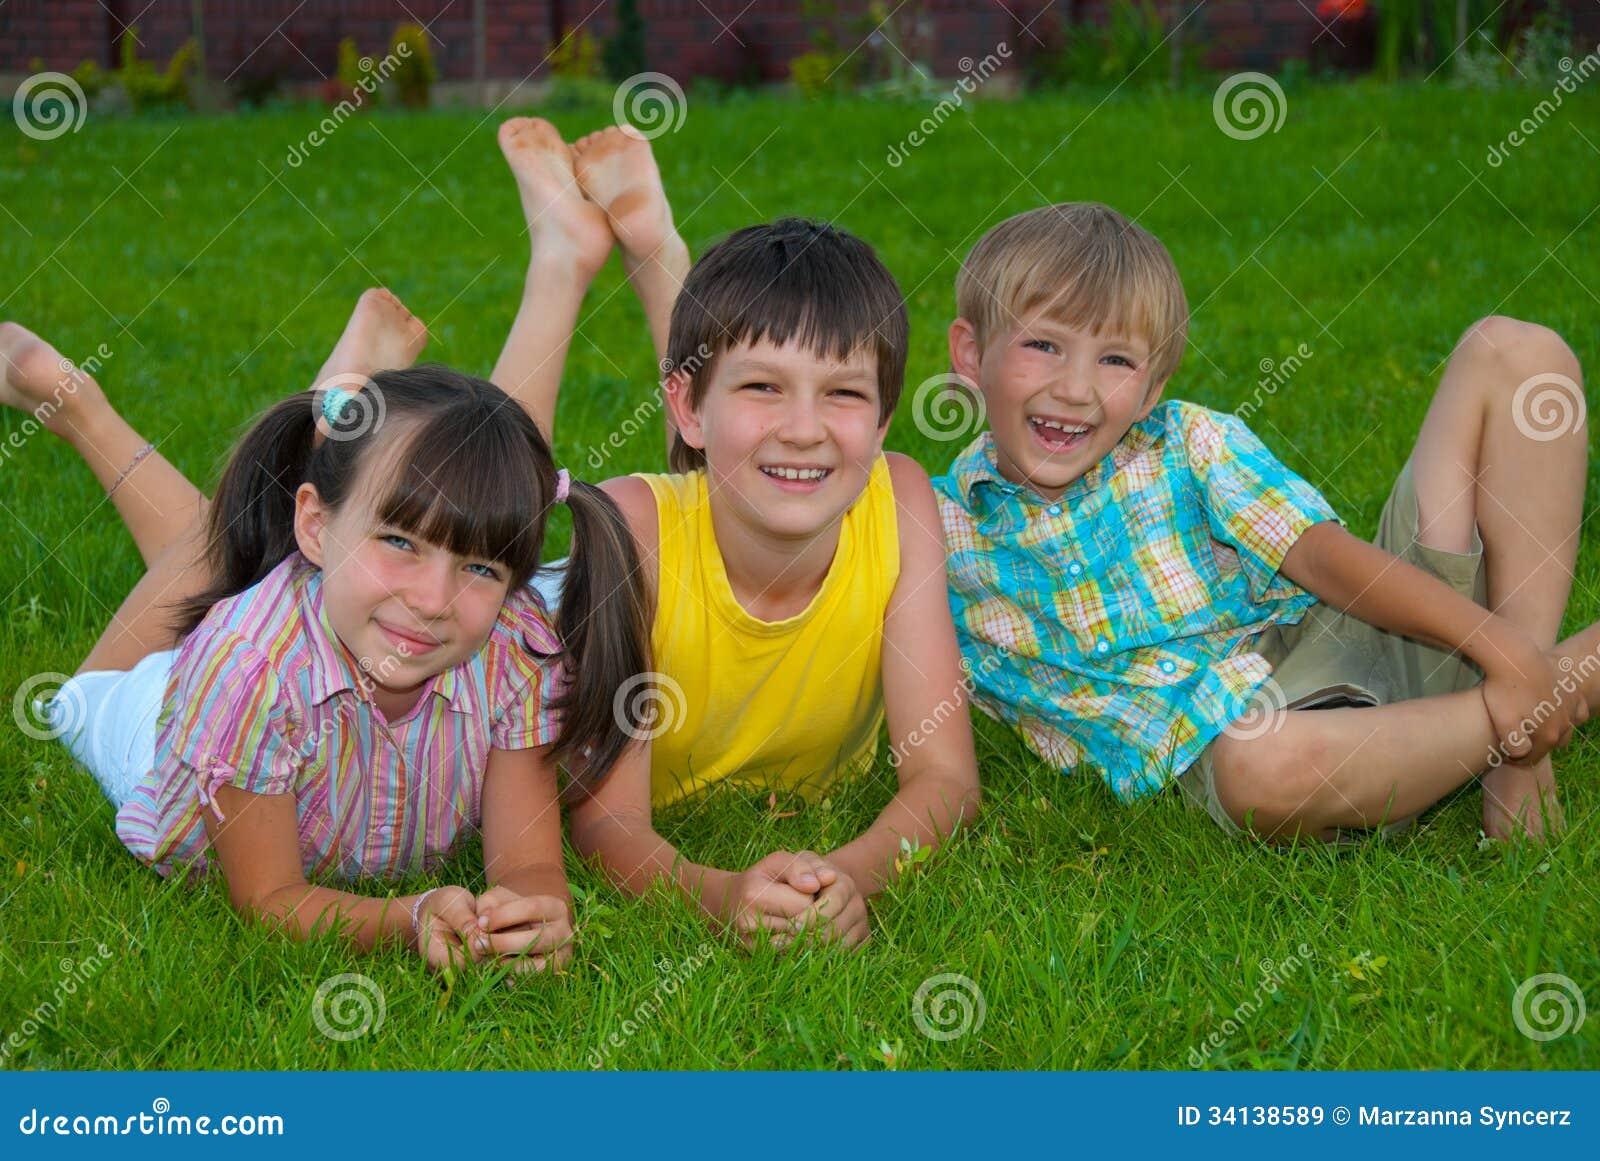 Trzy dzieciaka na trawie